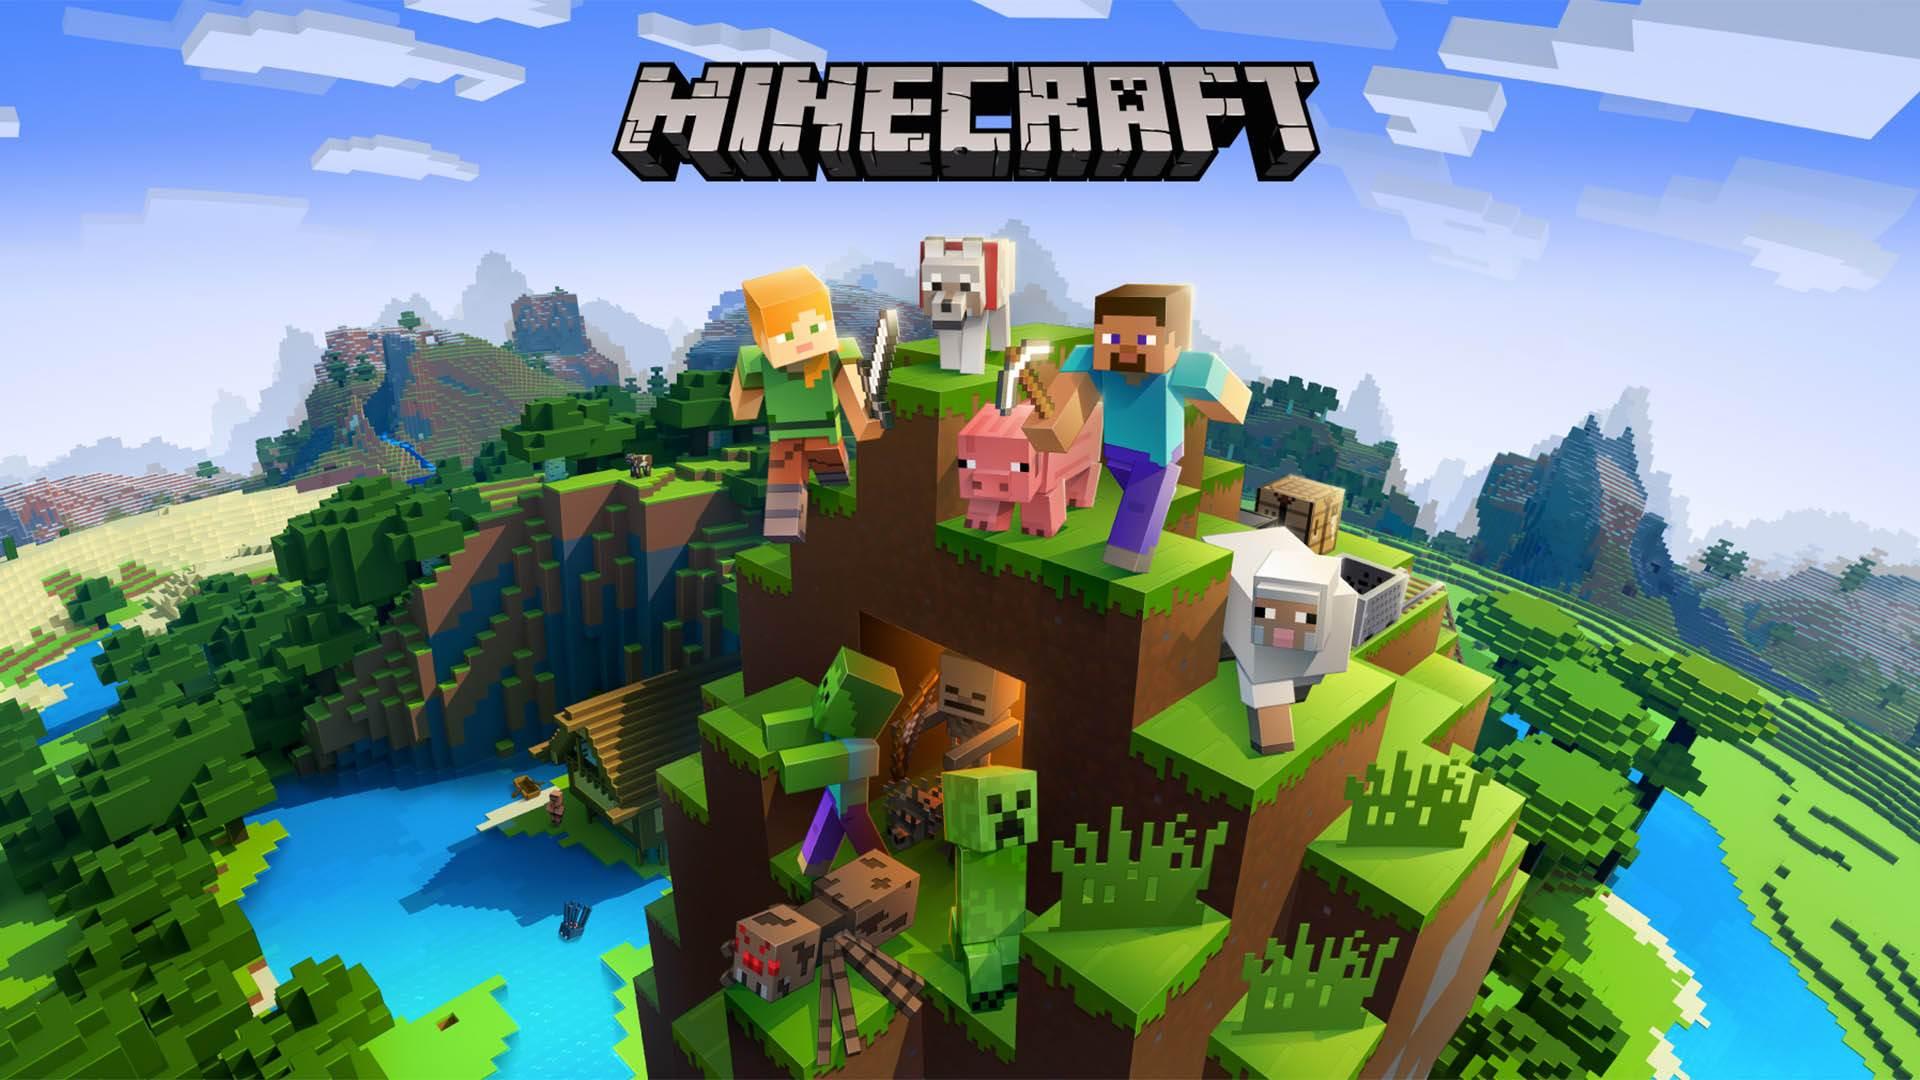 بازی Minecraft به آمار ۶۰۰ میلیون کاربر فعال دست پیدا کرده است